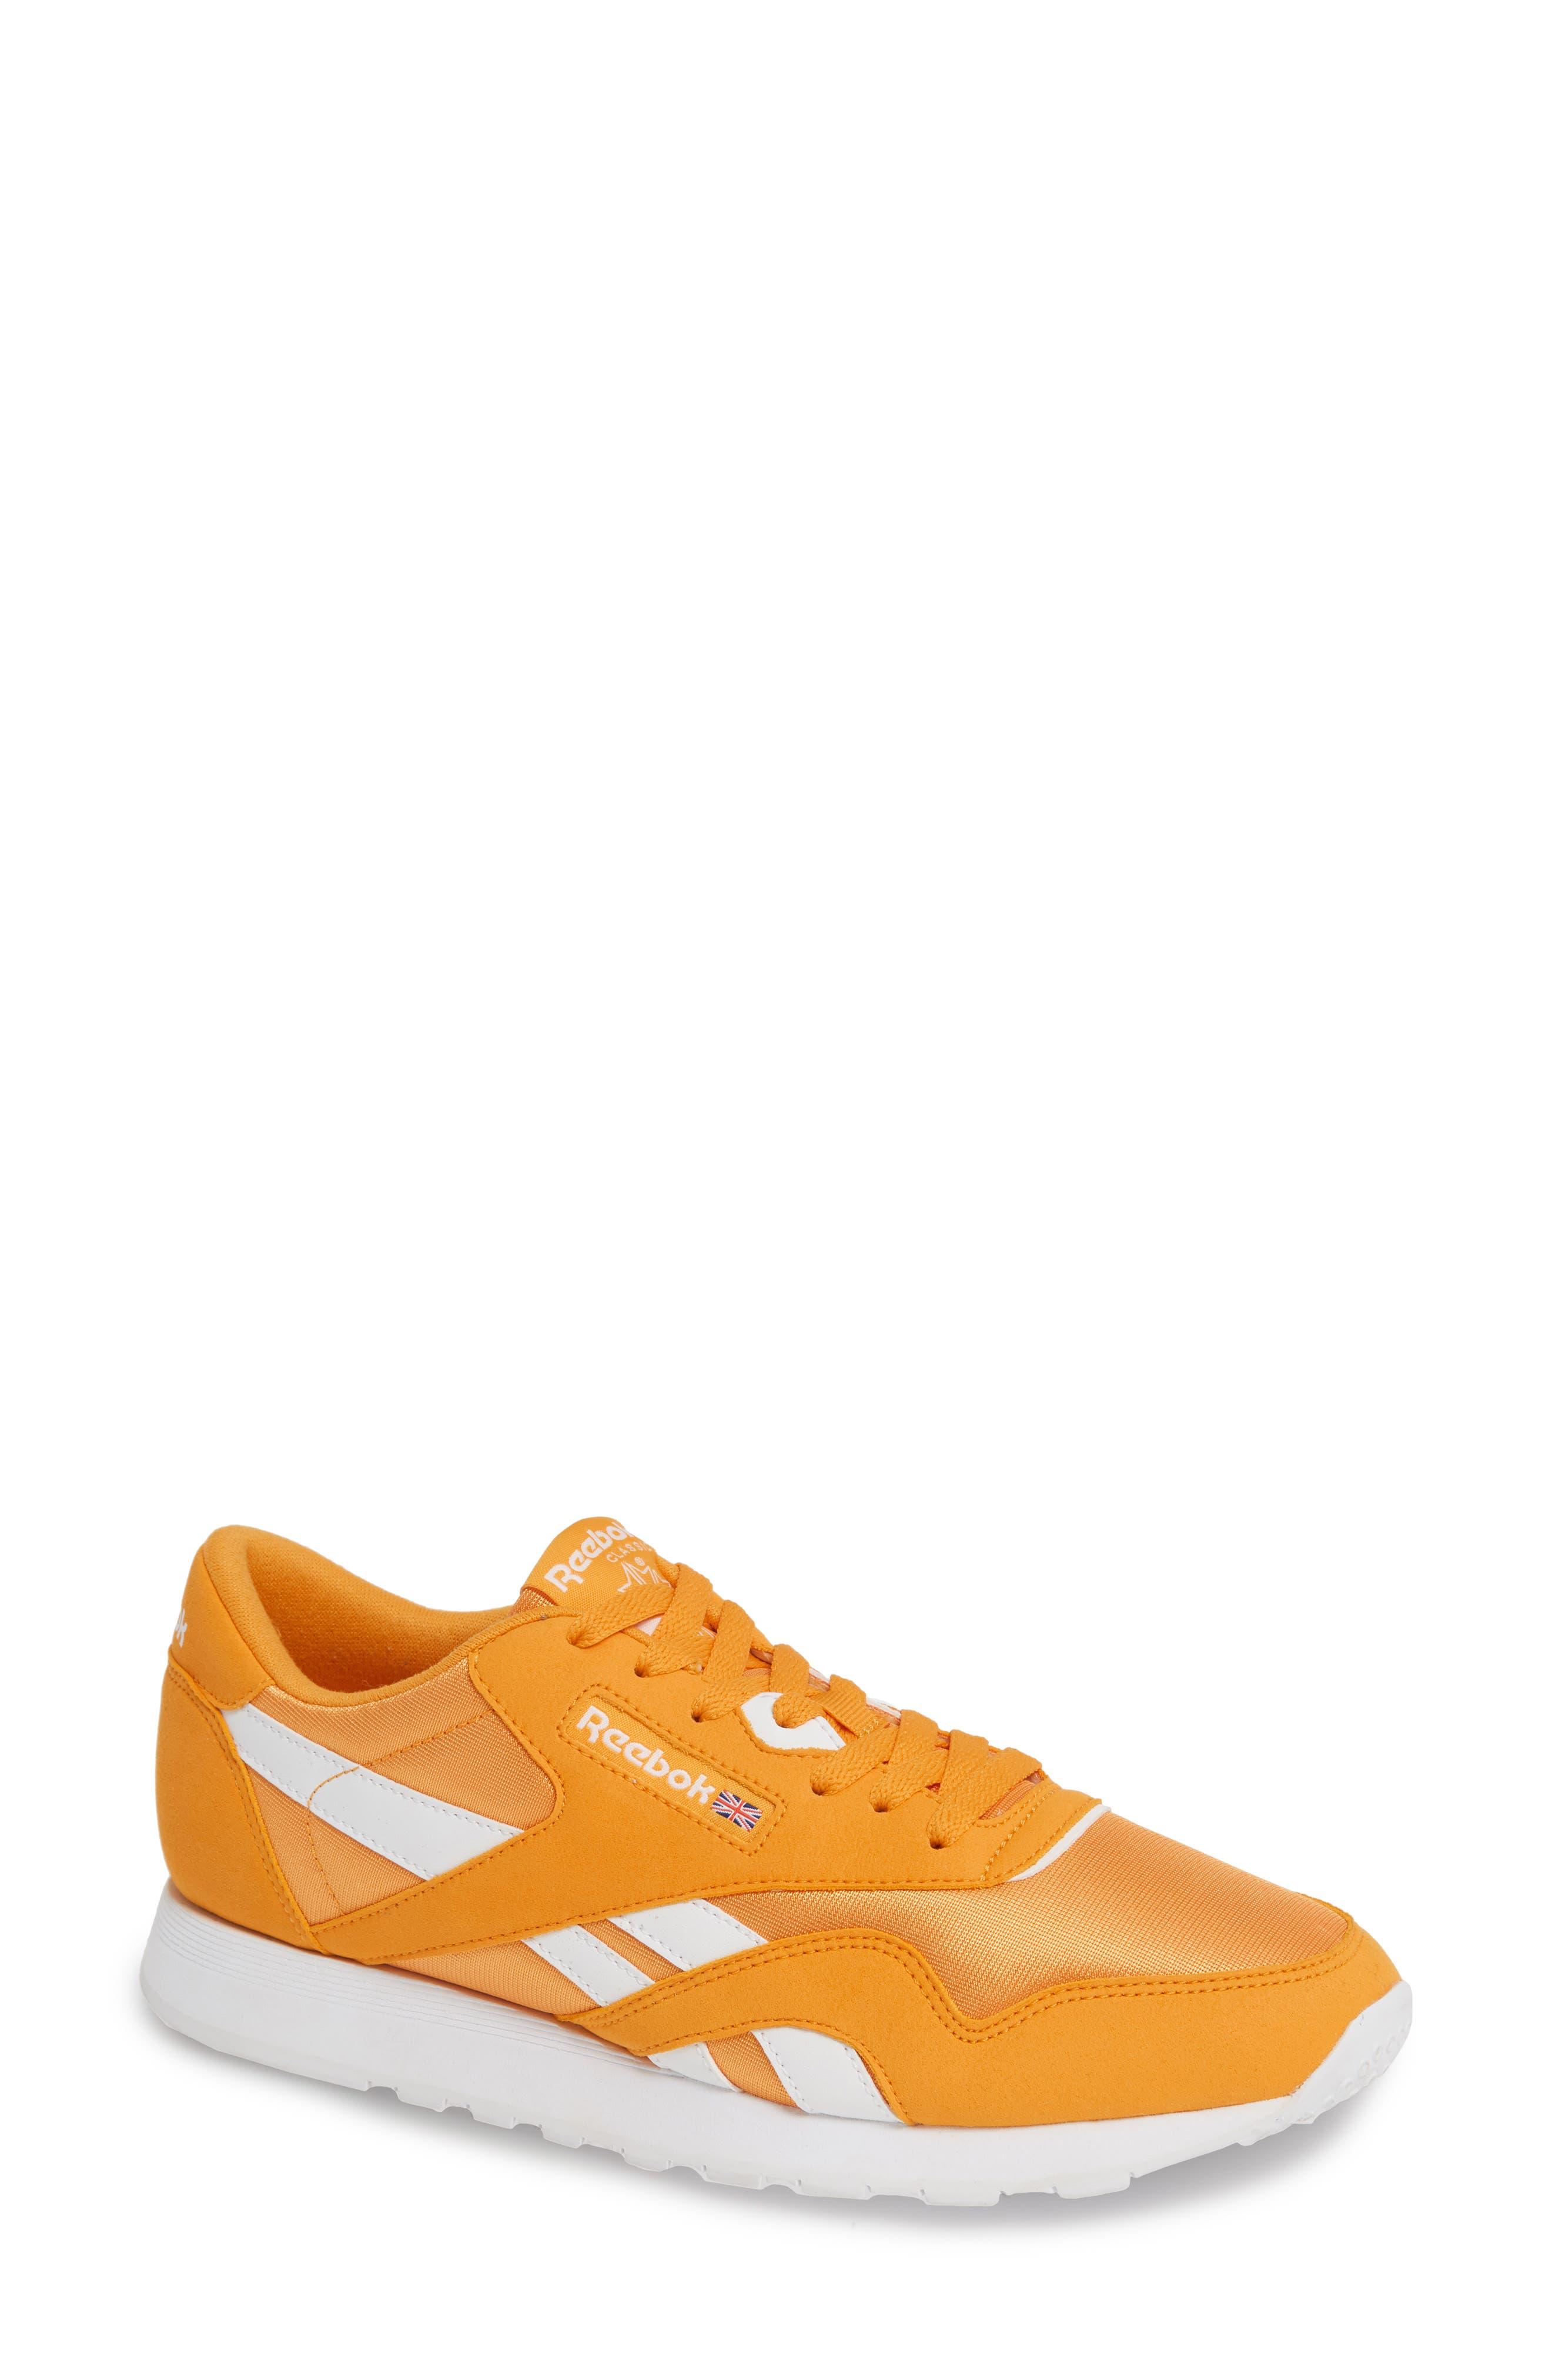 Classic Nylon Sneaker, Main, color, 700